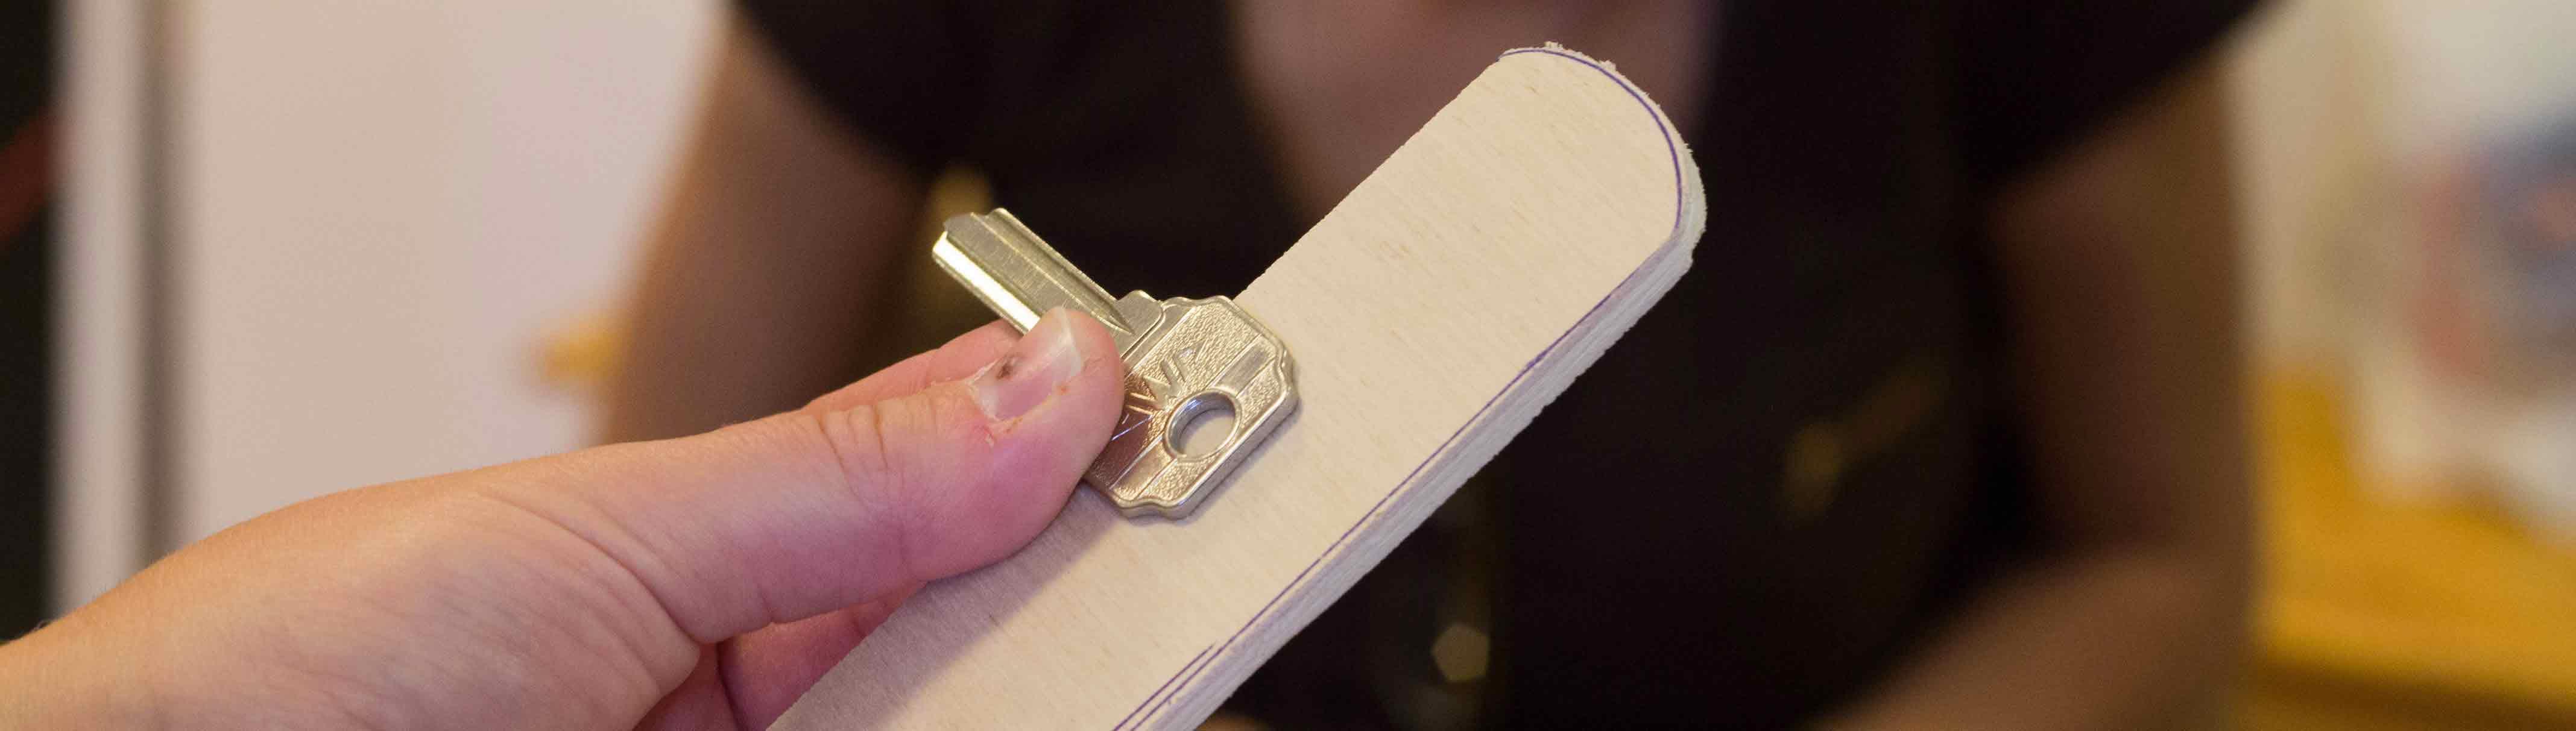 Taller de Adaptaciones de Bajo Coste: adaptar una cuchara, ropa interior, la olla a presión…